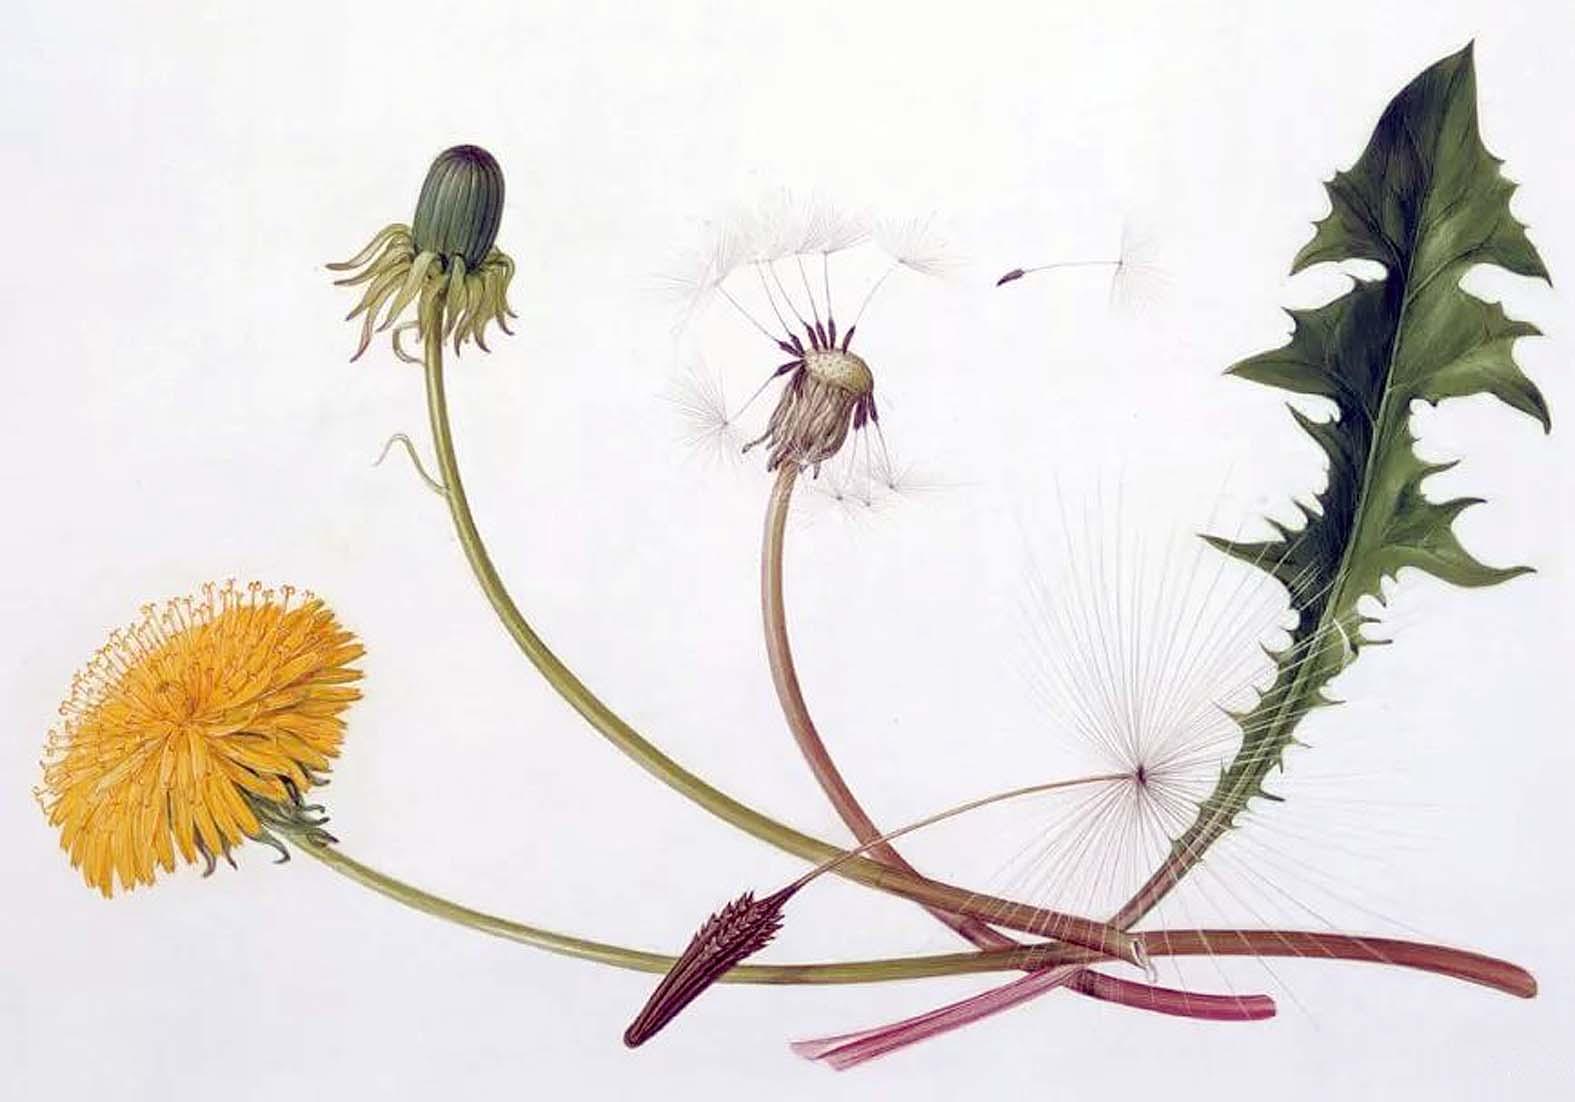 ботаническая открытка одуванчик лекарственный